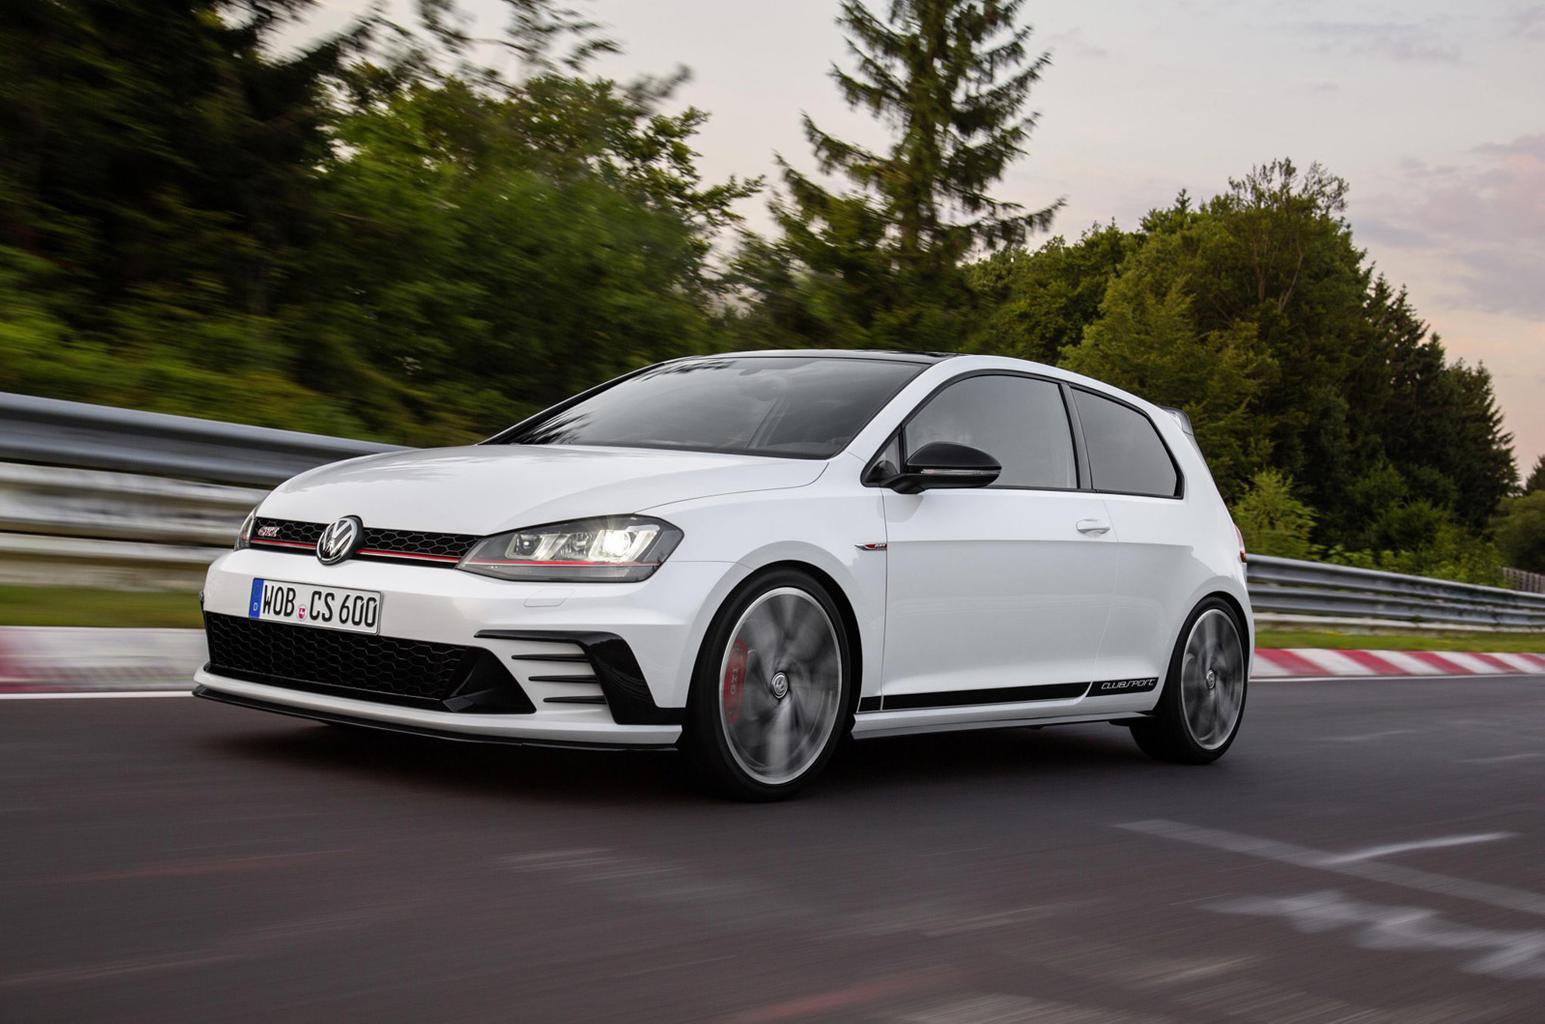 2016 Volkswagen Golf GTI Clubsport review